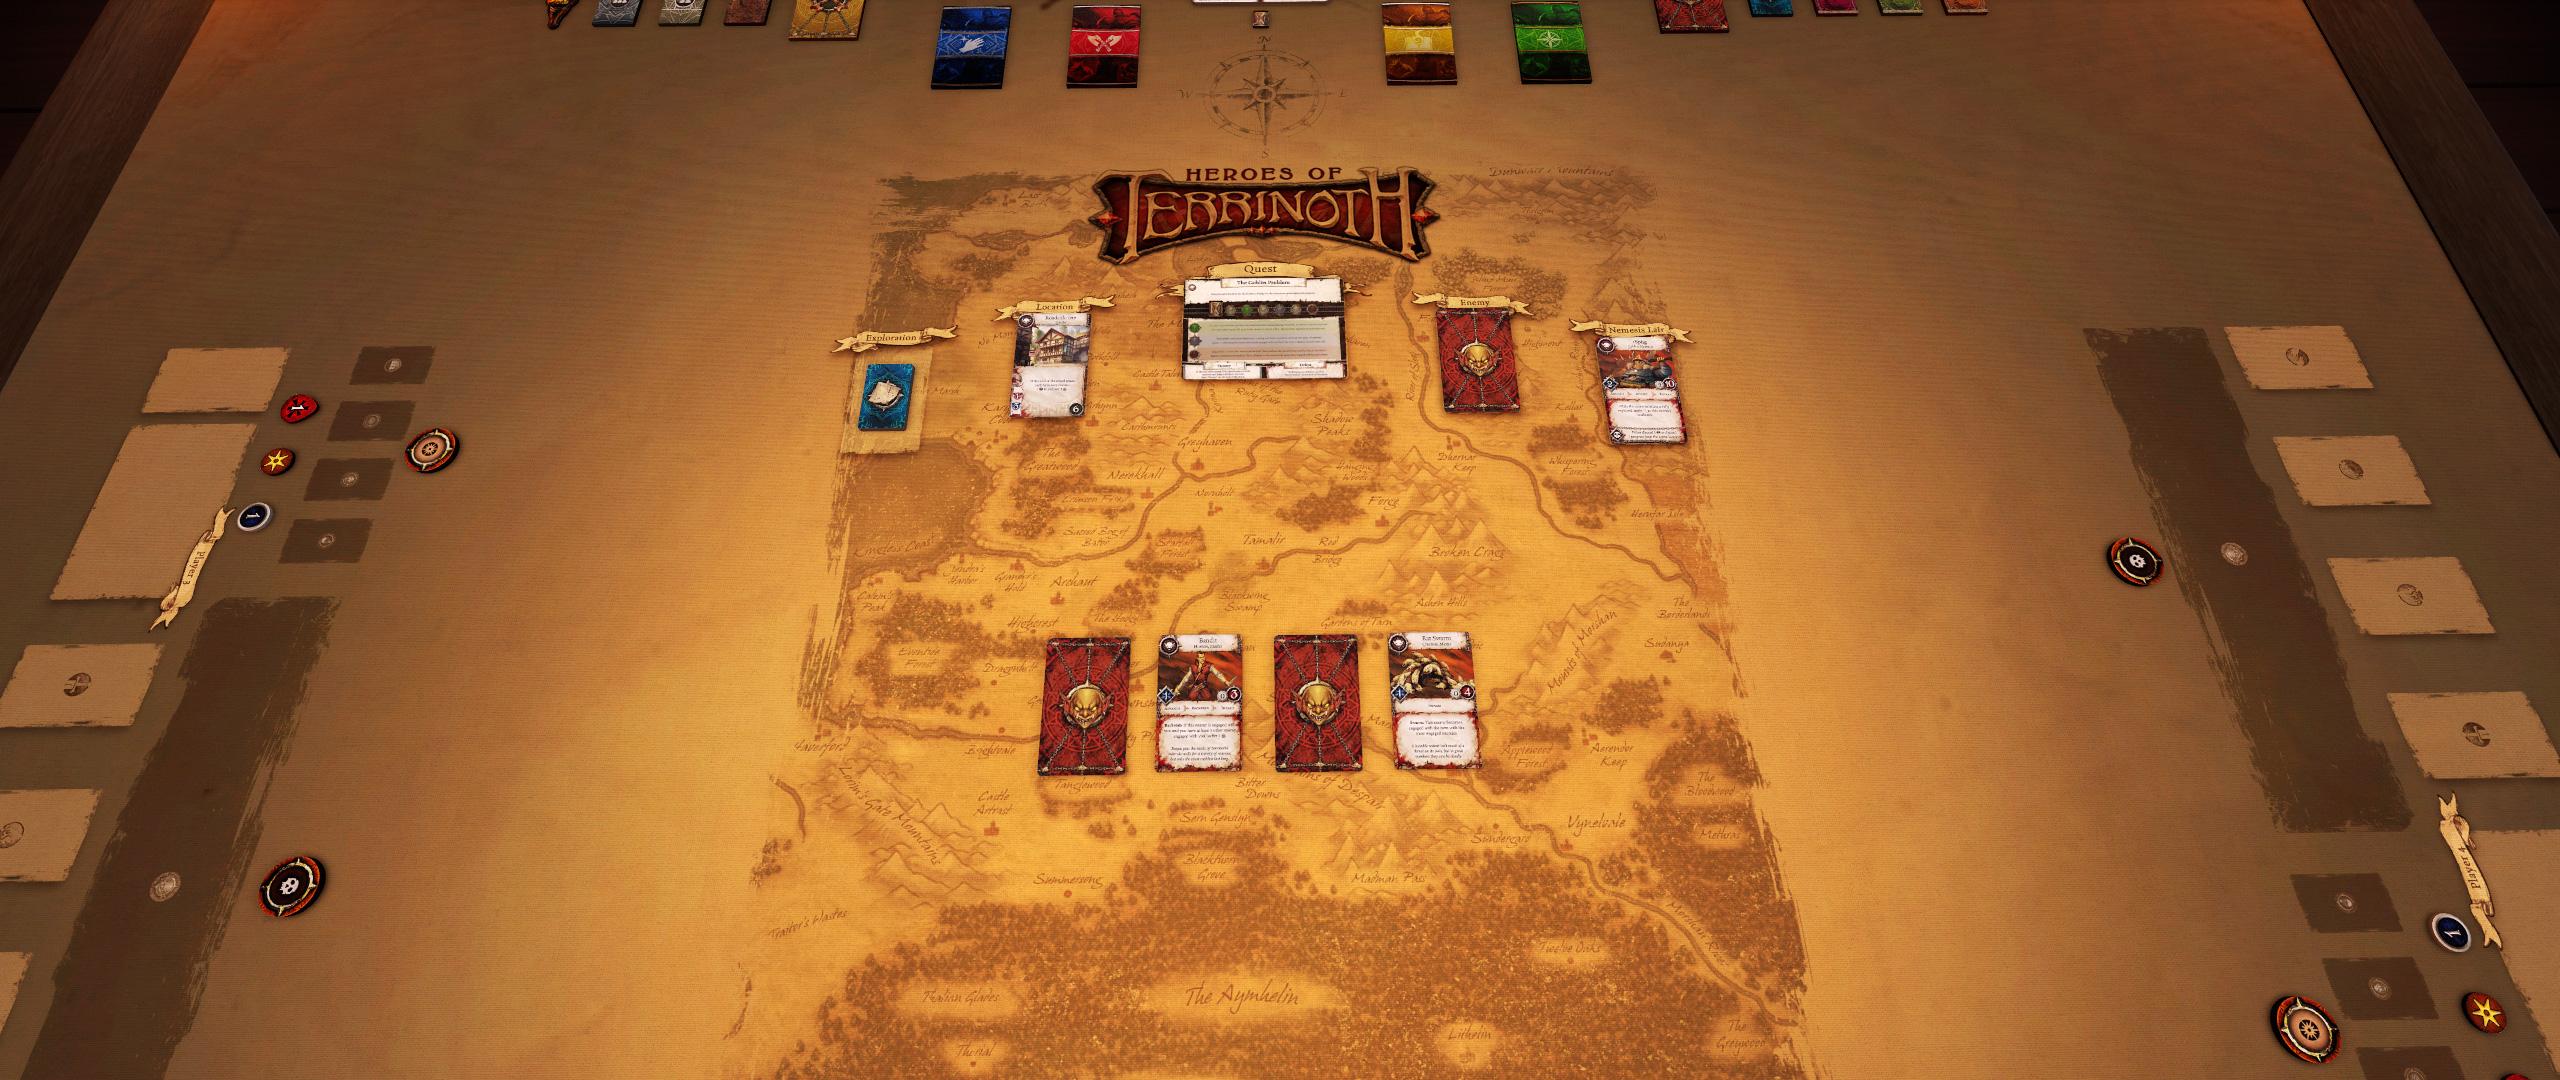 Steam Workshop :: Heroes of Terrinoth - Fantasy Setup